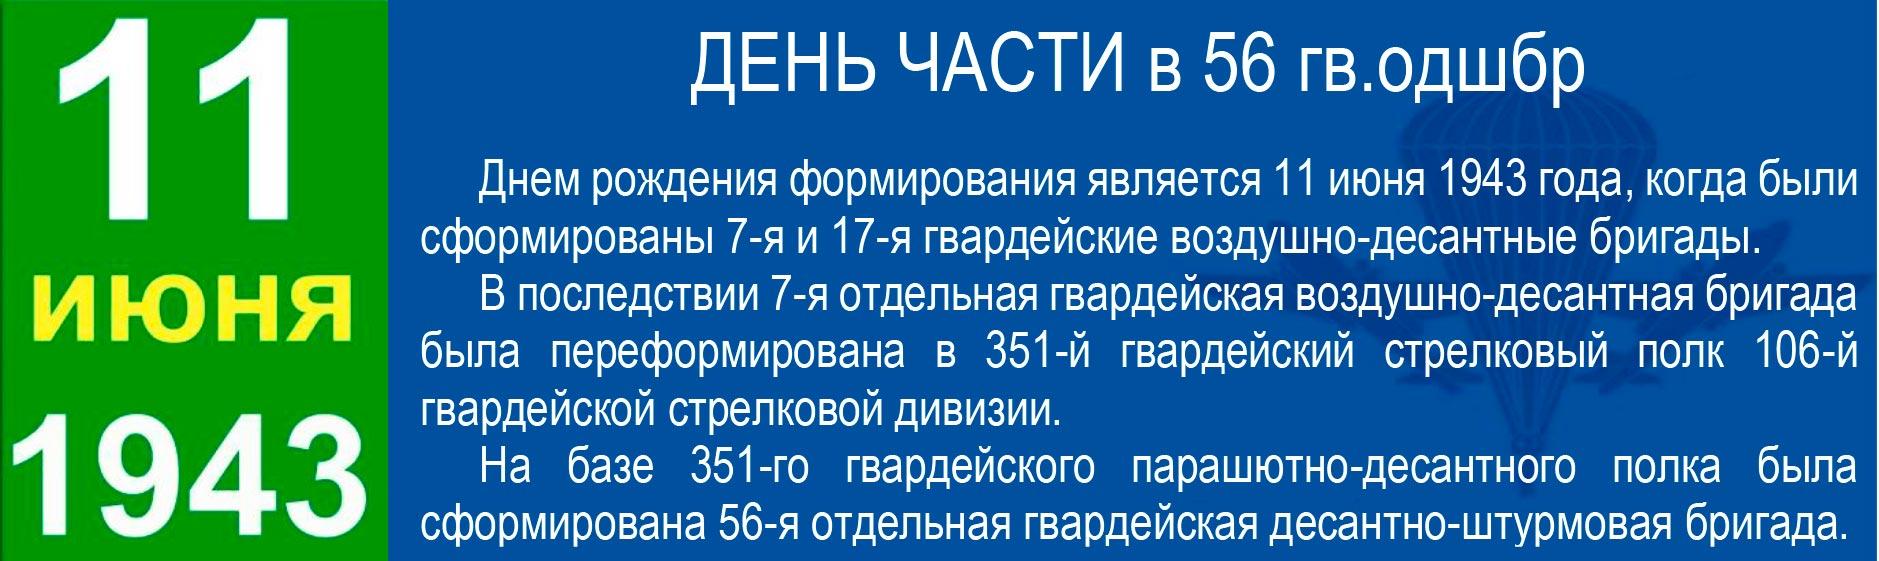 56-Я ОТДЕЛЬНАЯ ГВАРДЕЙСКАЯ ДЕСАНТНО-ШТУРМОВАЯ ОРДЕНА ОТЕЧЕСТВЕННОЙ ВОЙНЫ ДОНСКАЯ КАЗАЧЬЯ БРИГАДА